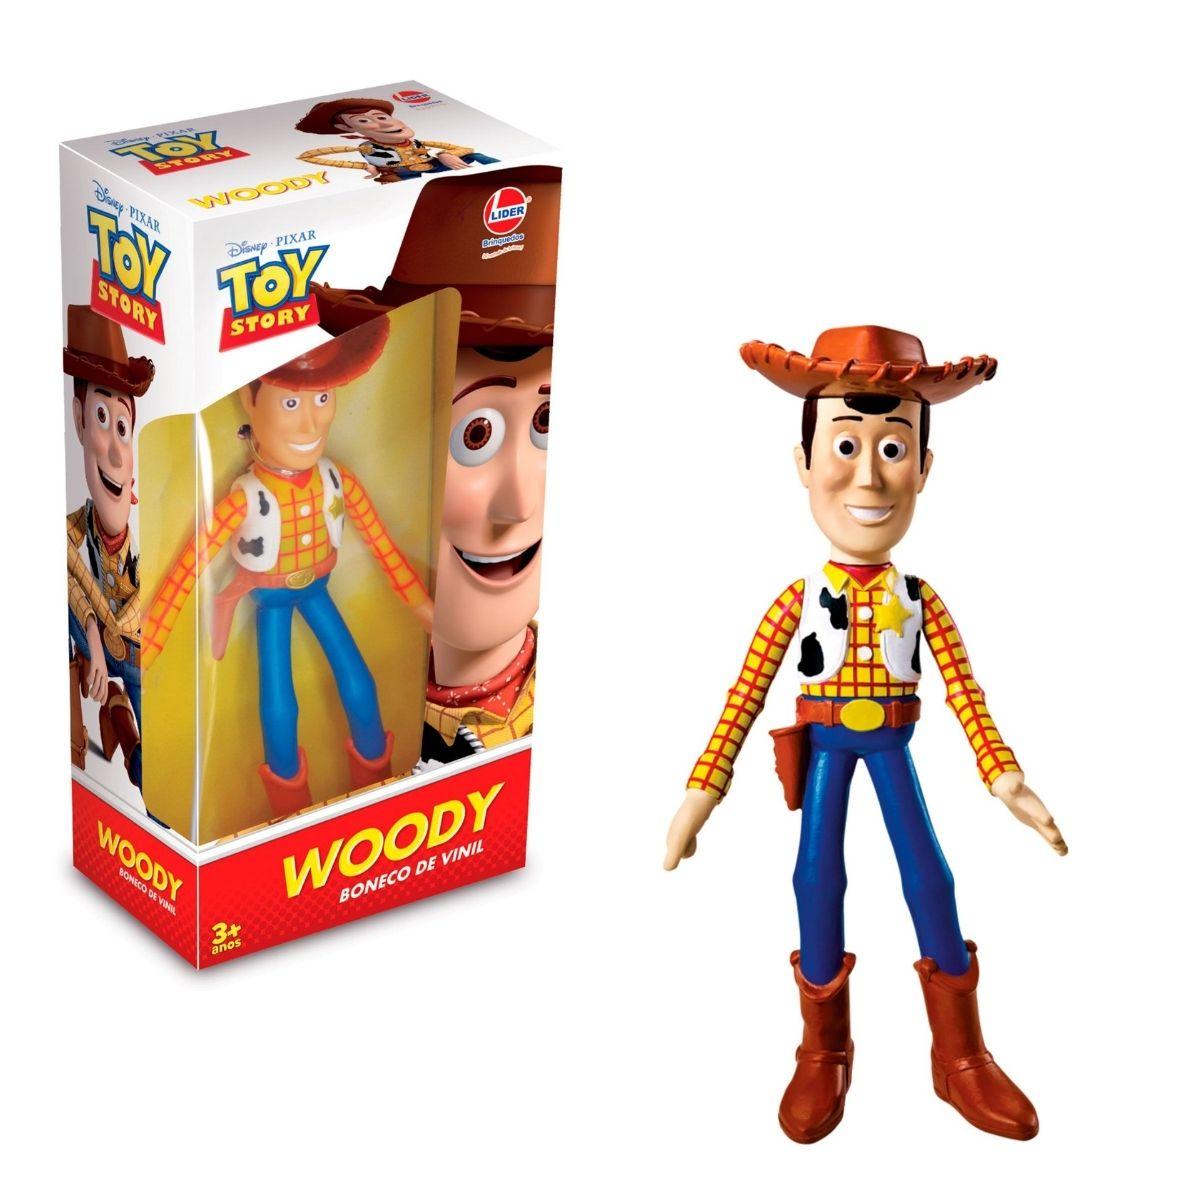 Boneco de Vinil Woody Toy Story Articulado